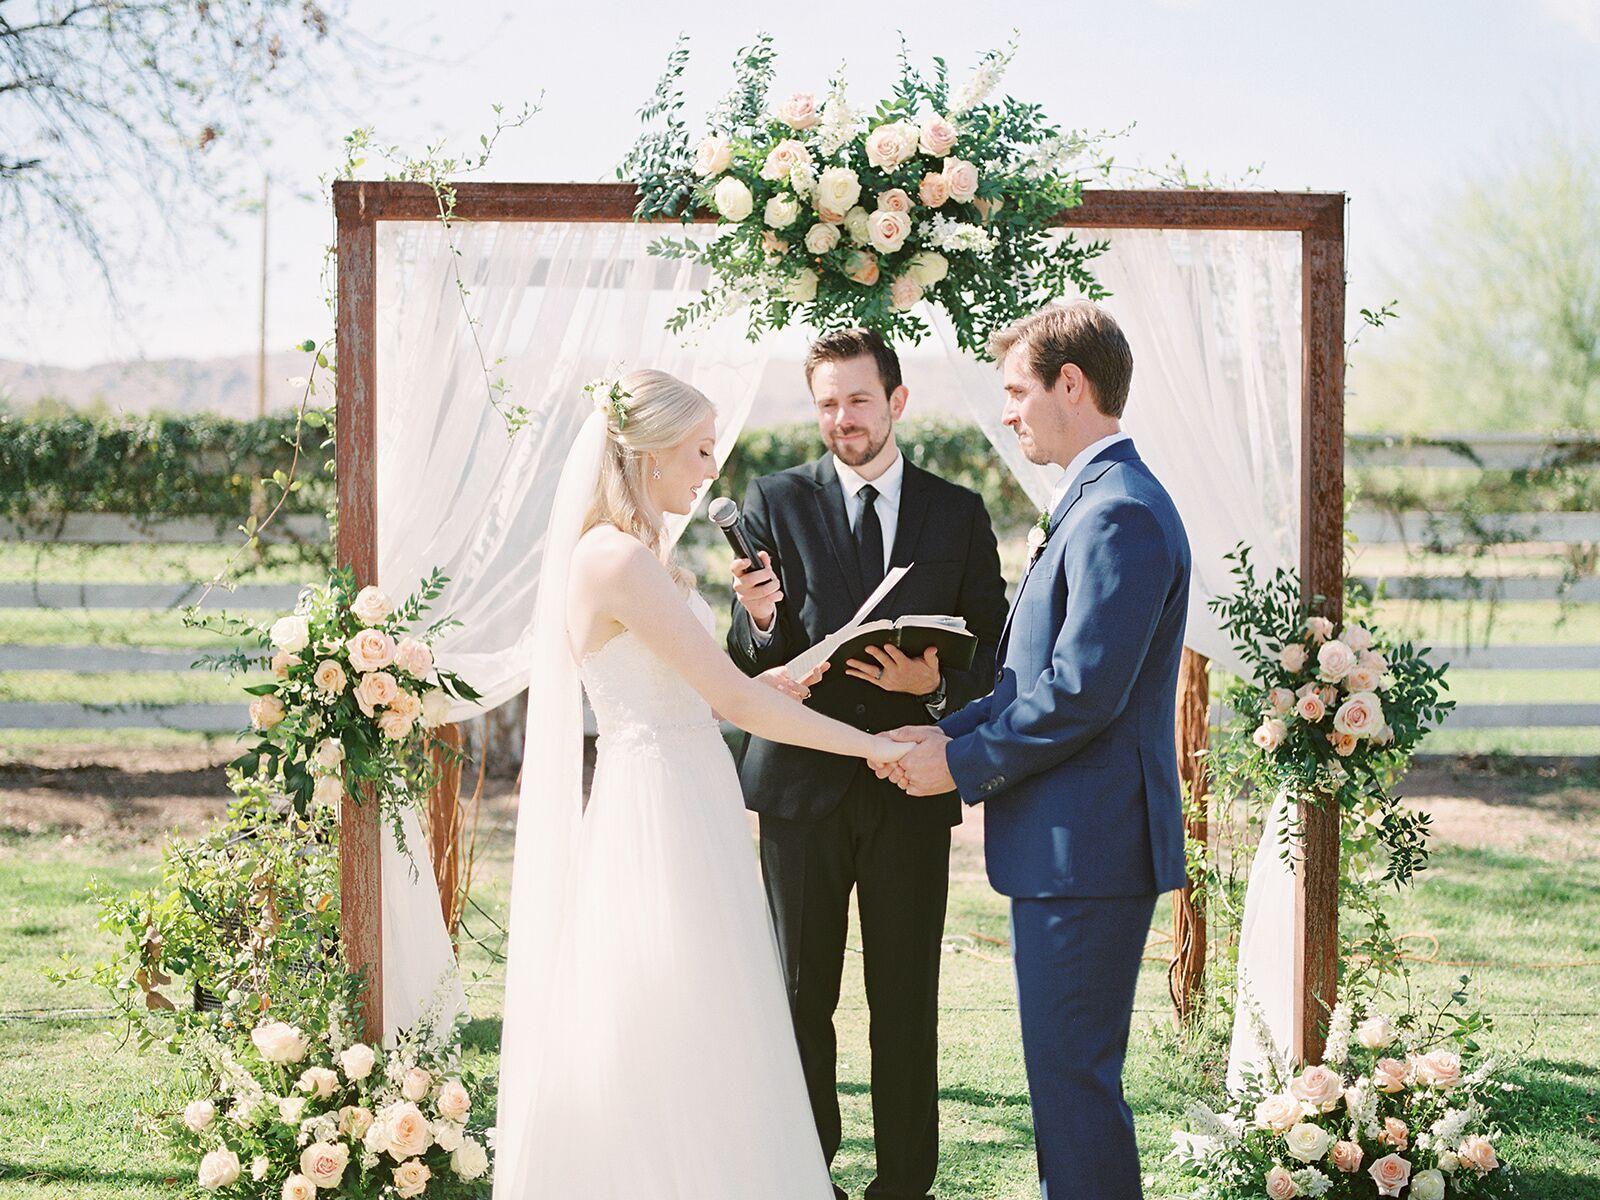 Wedding_Vows_Ceremony_Bride_Groom